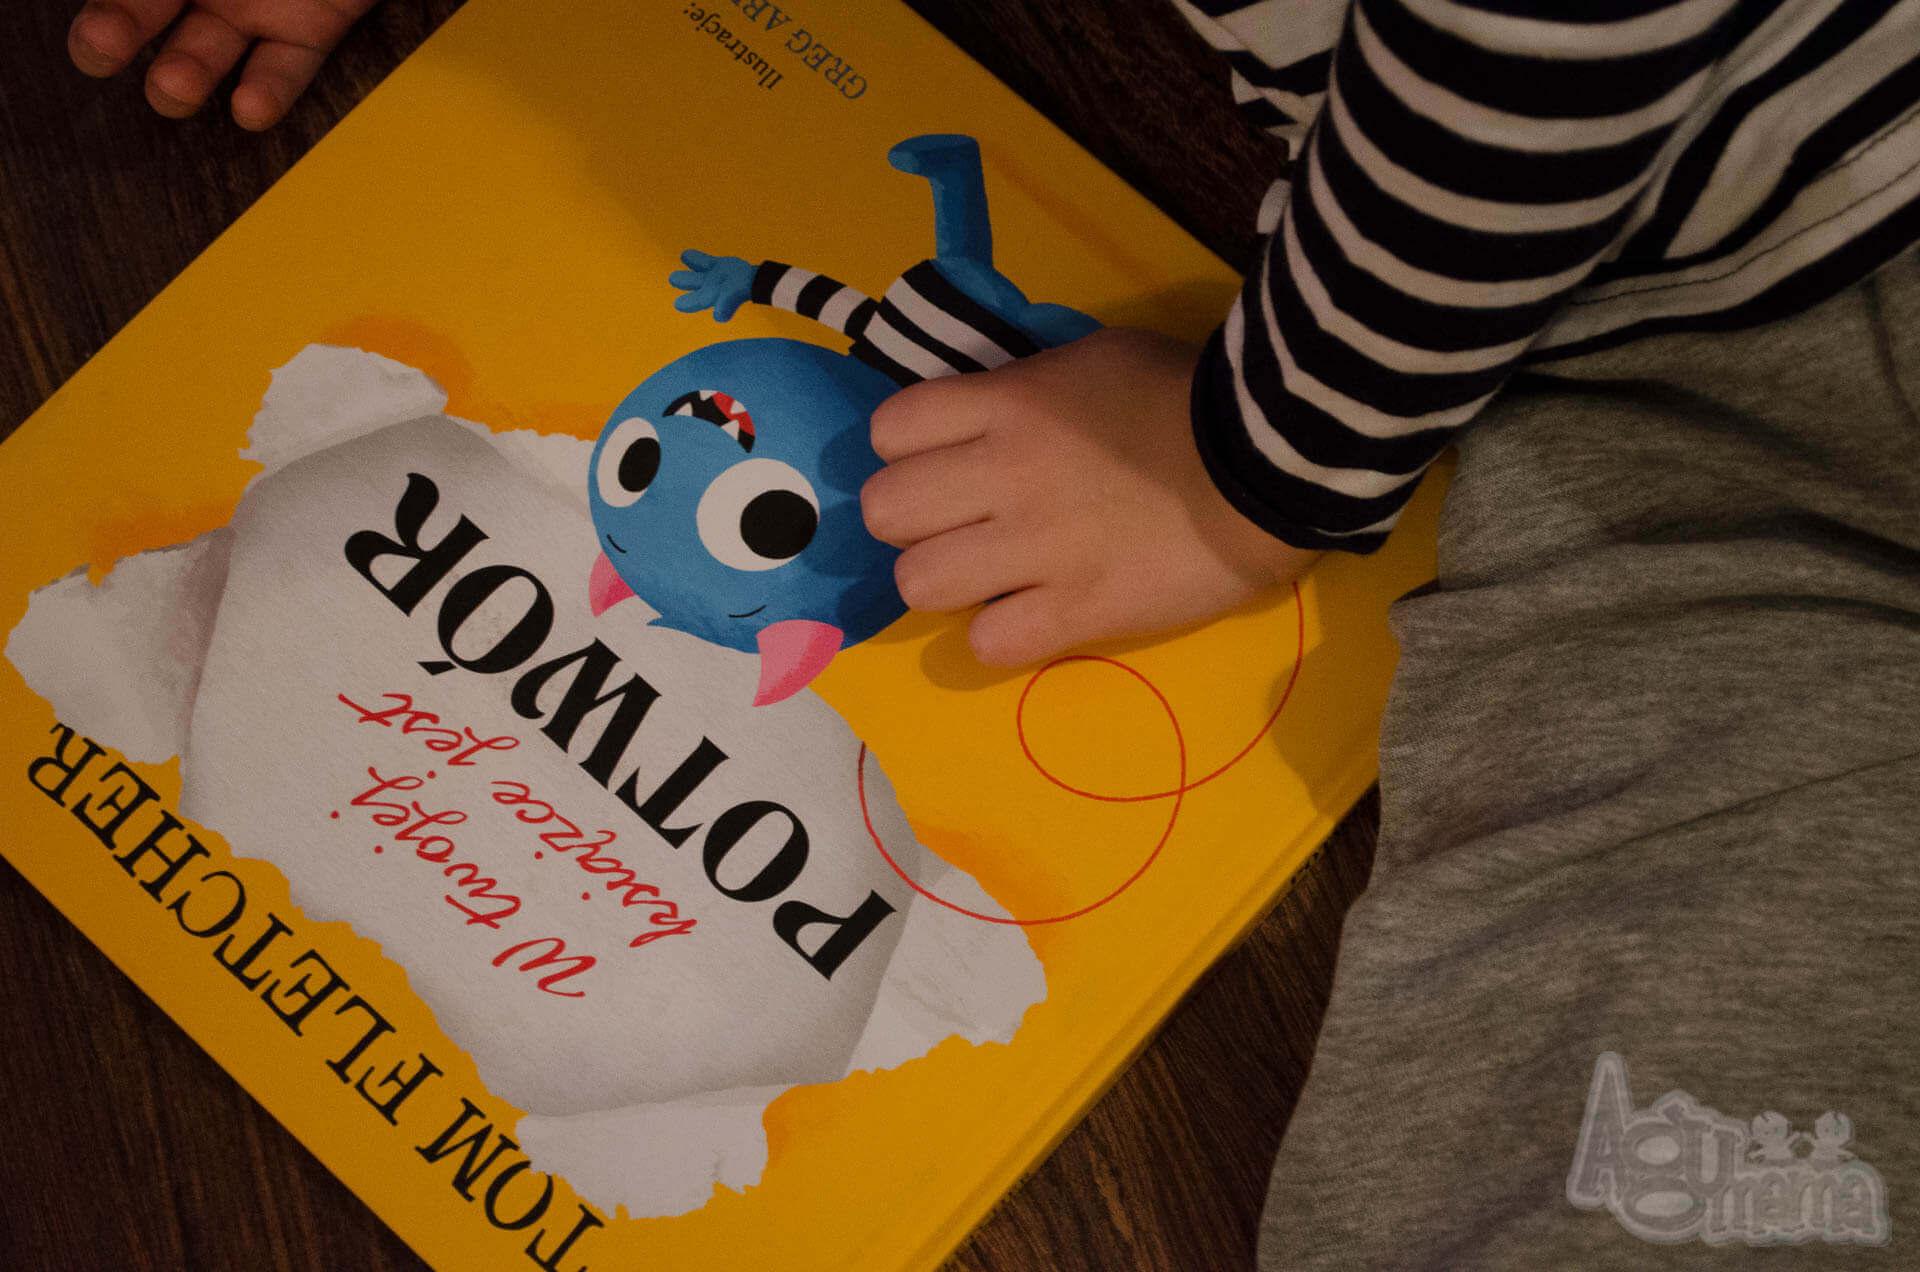 w twojej książce jest potwór